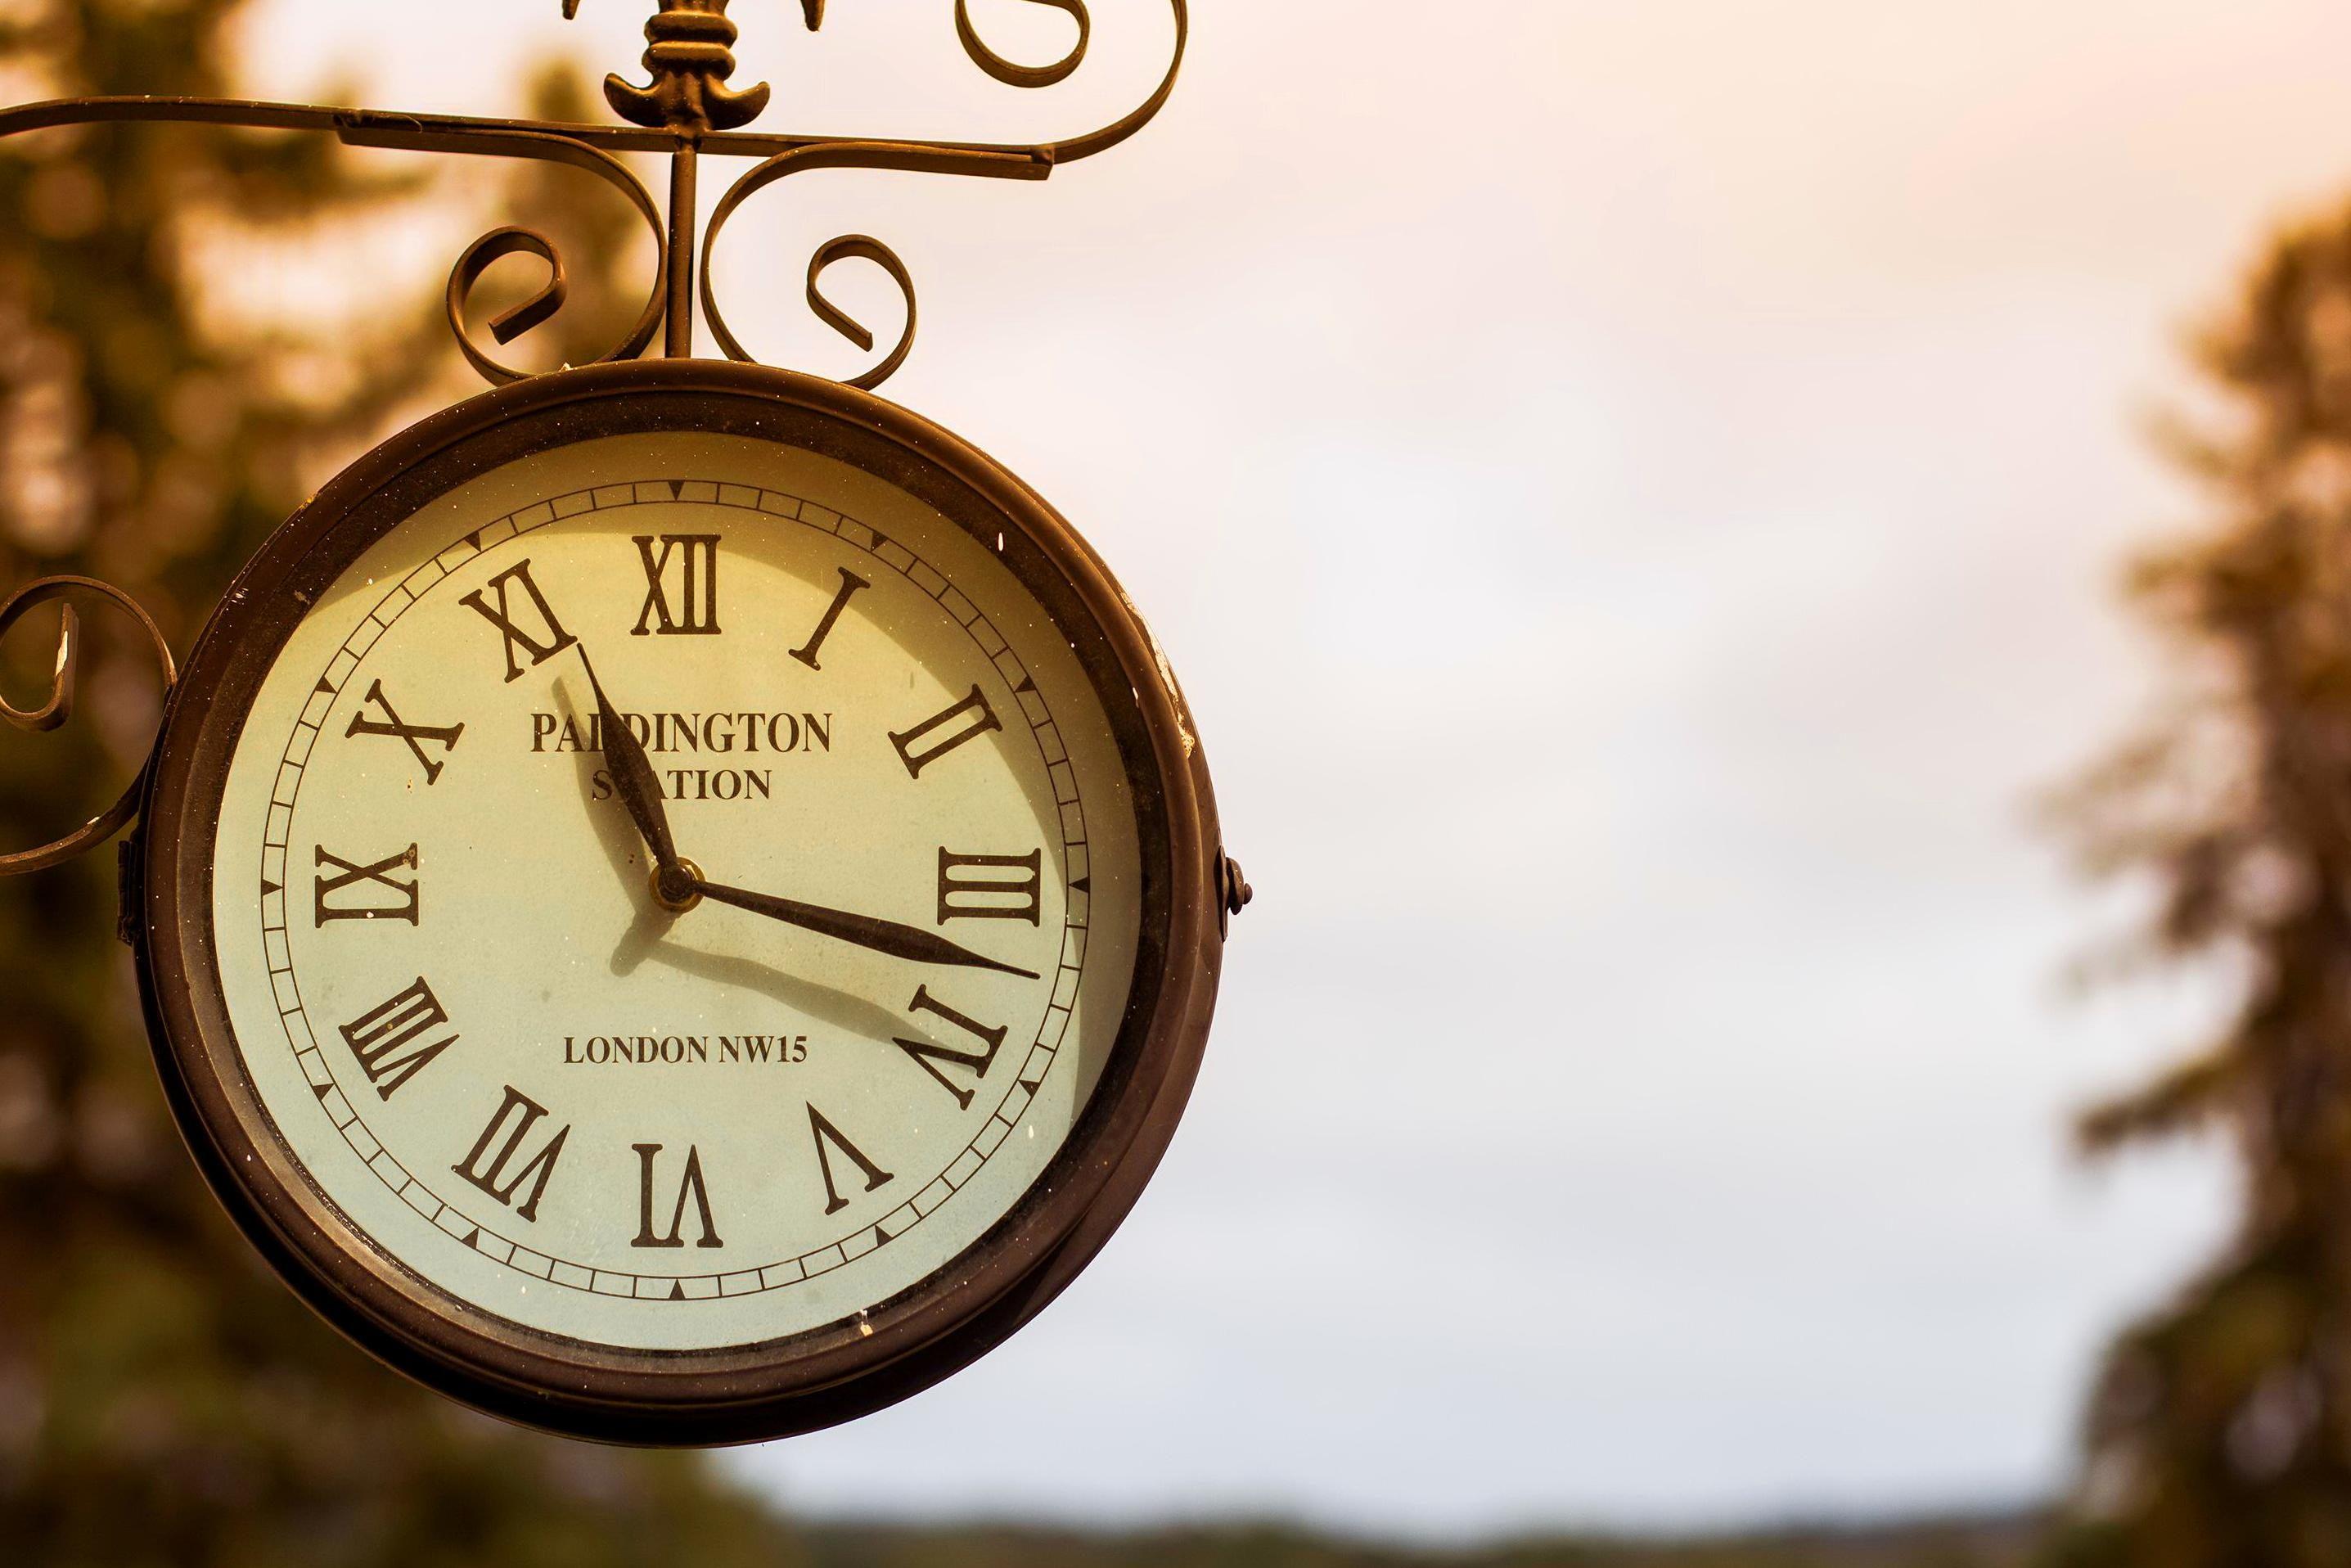 Imagen gratis: tiempo, reloj, edad, fecha límite, horas, minutos, calendario, cronómetro